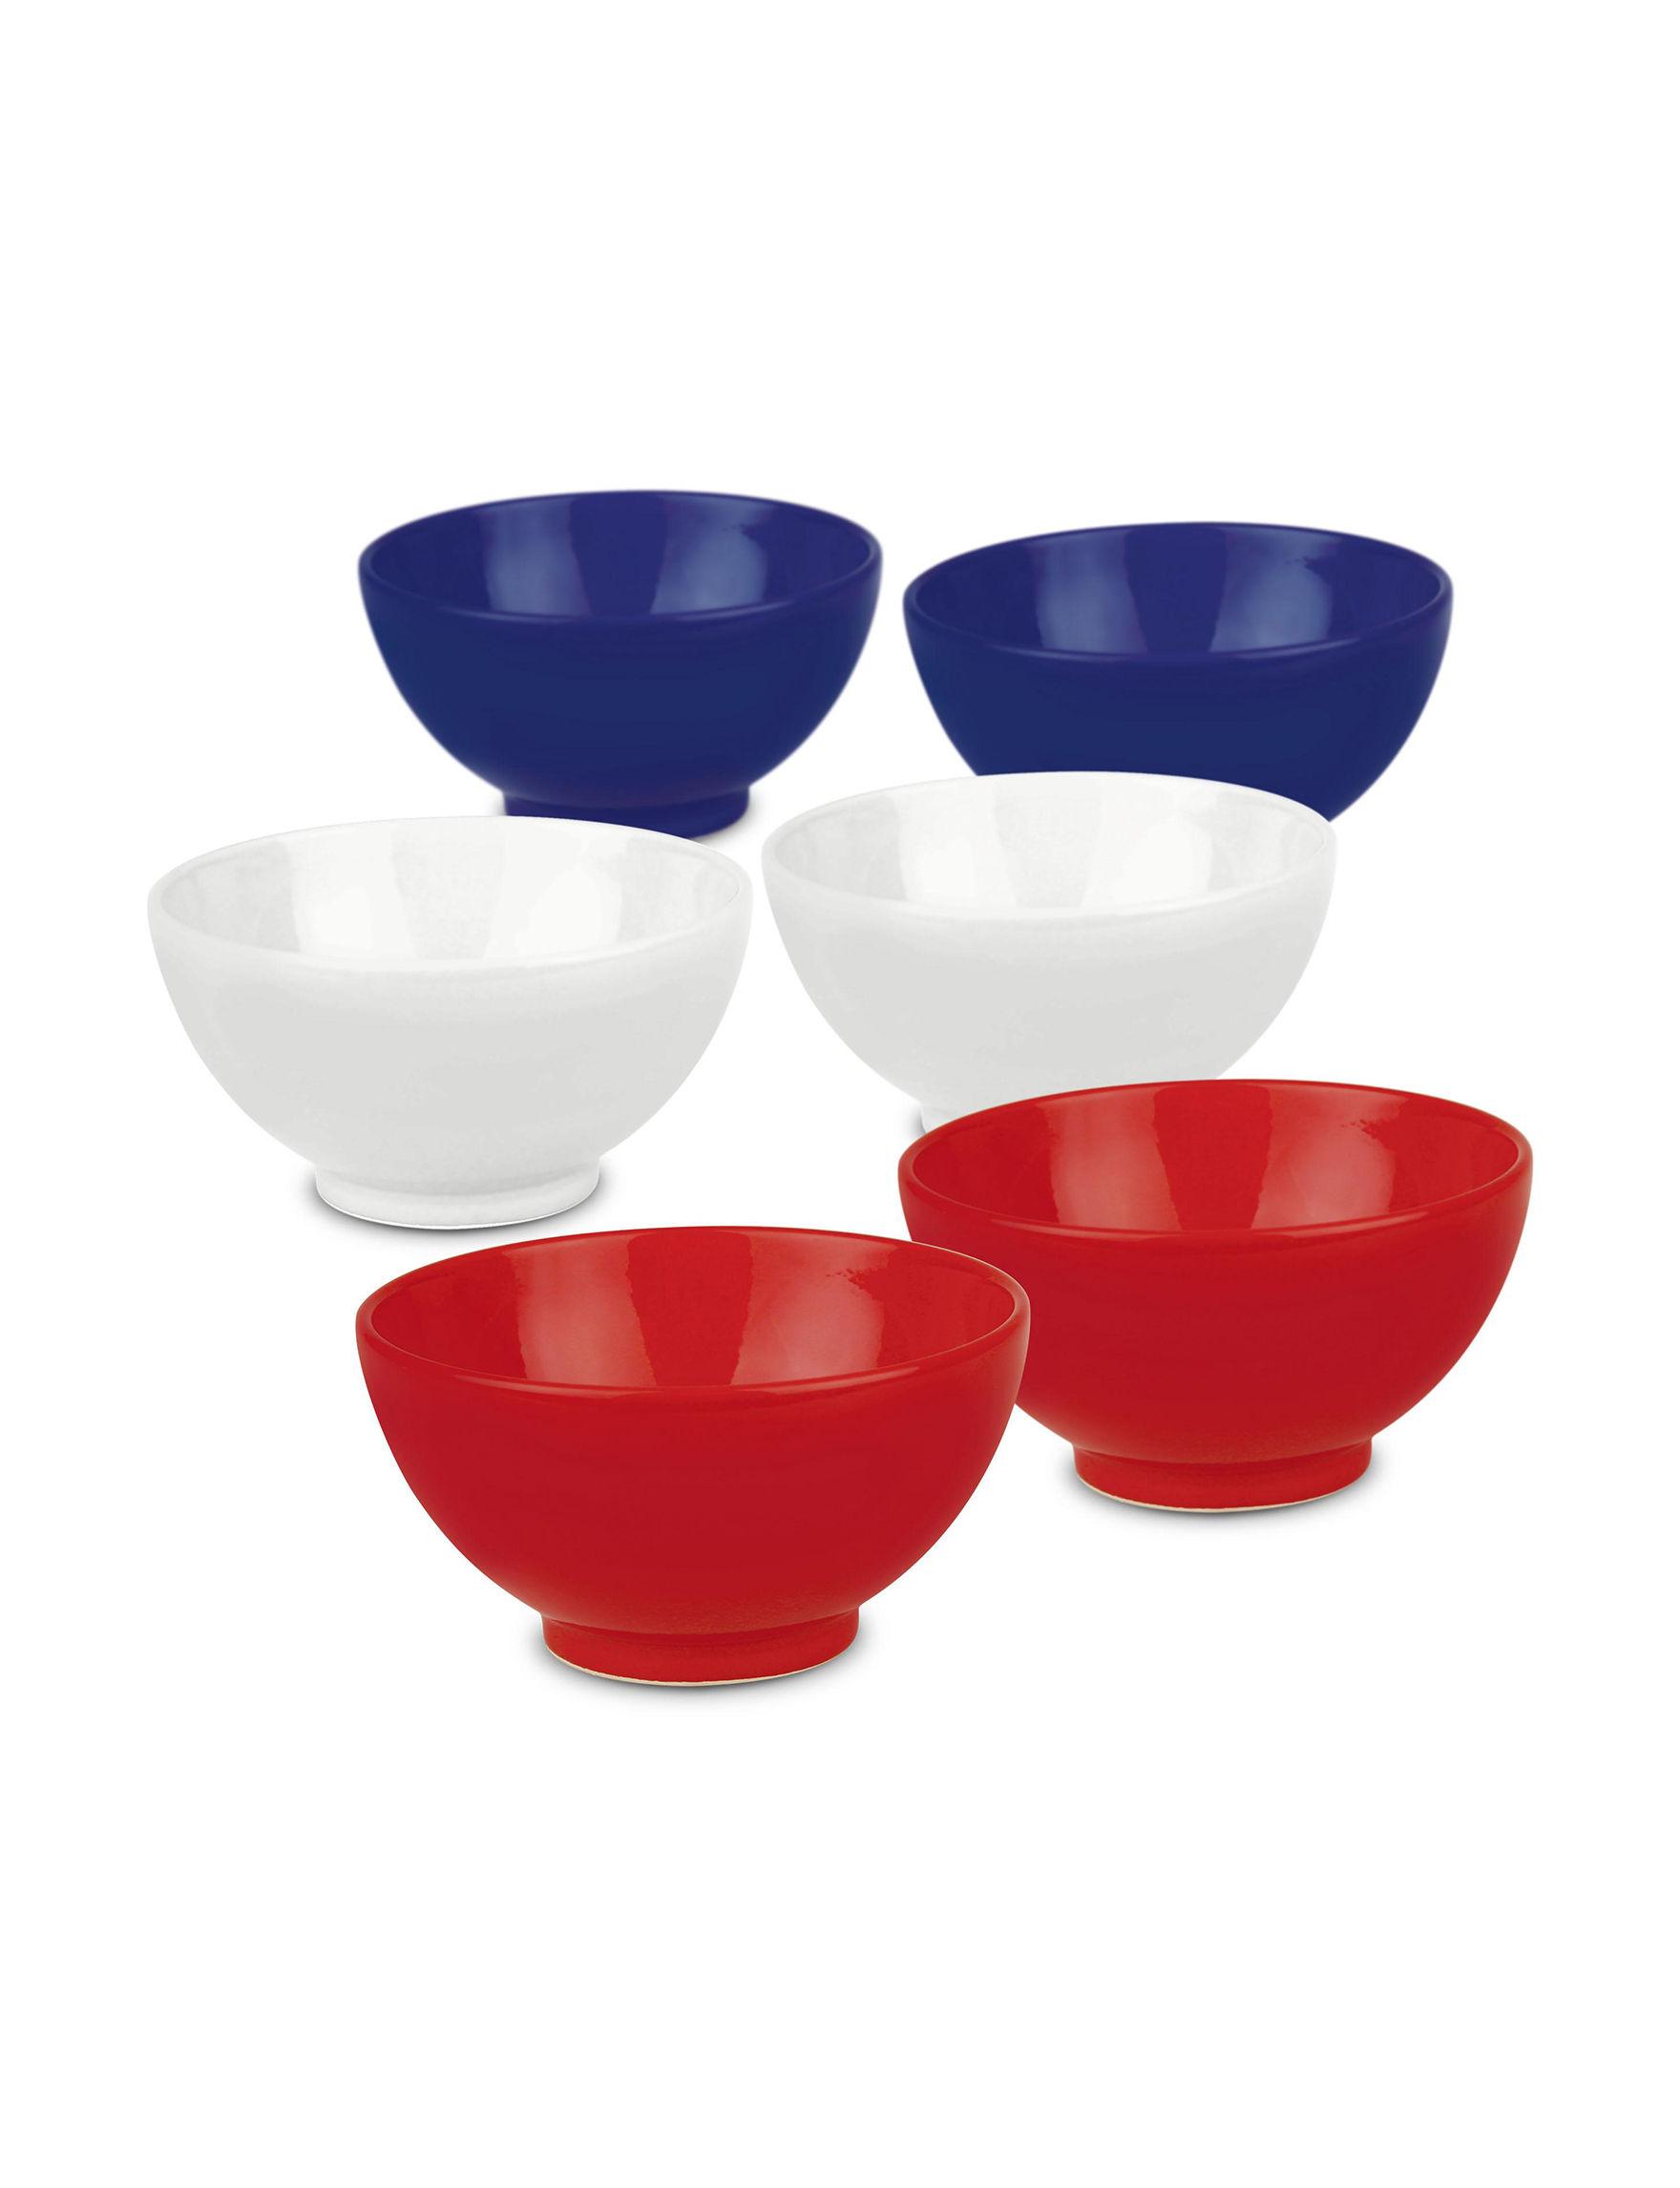 Waechtersbach Multi Bowls Dinnerware